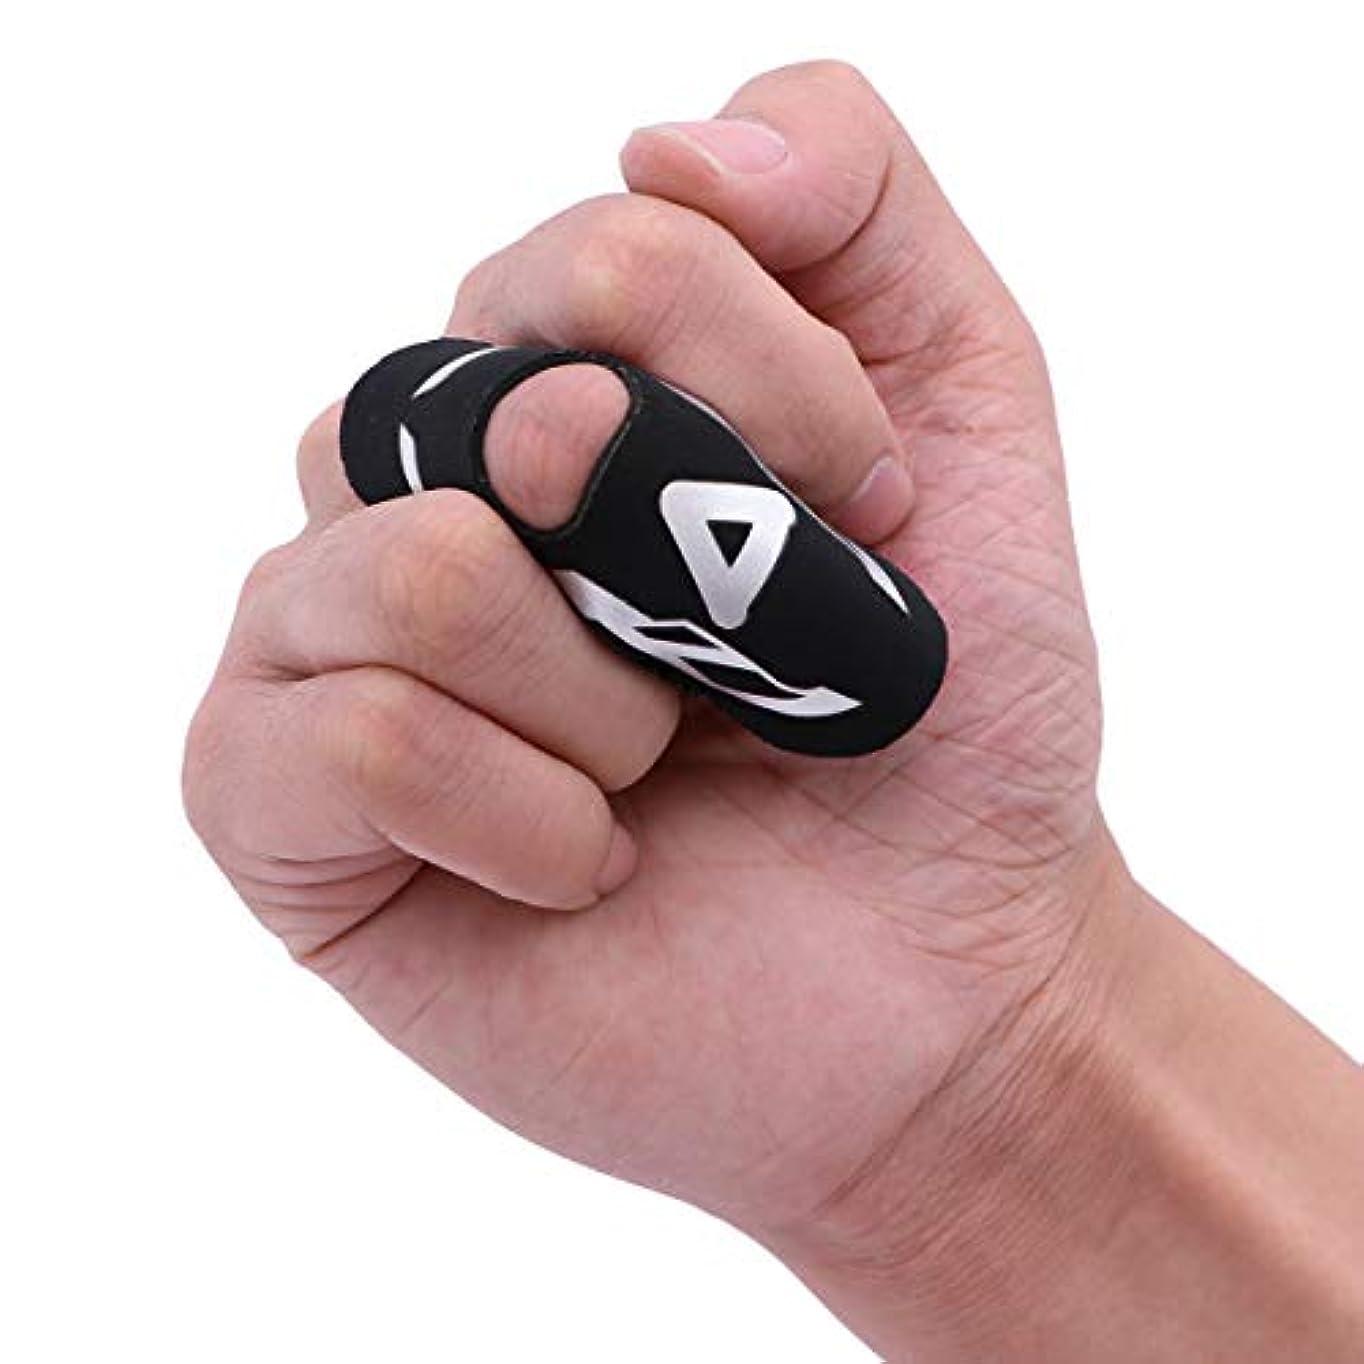 SUPVOX 指の添え木サポートトリガーマレット指ブレース腱痛みを和らげるサイズL/XL